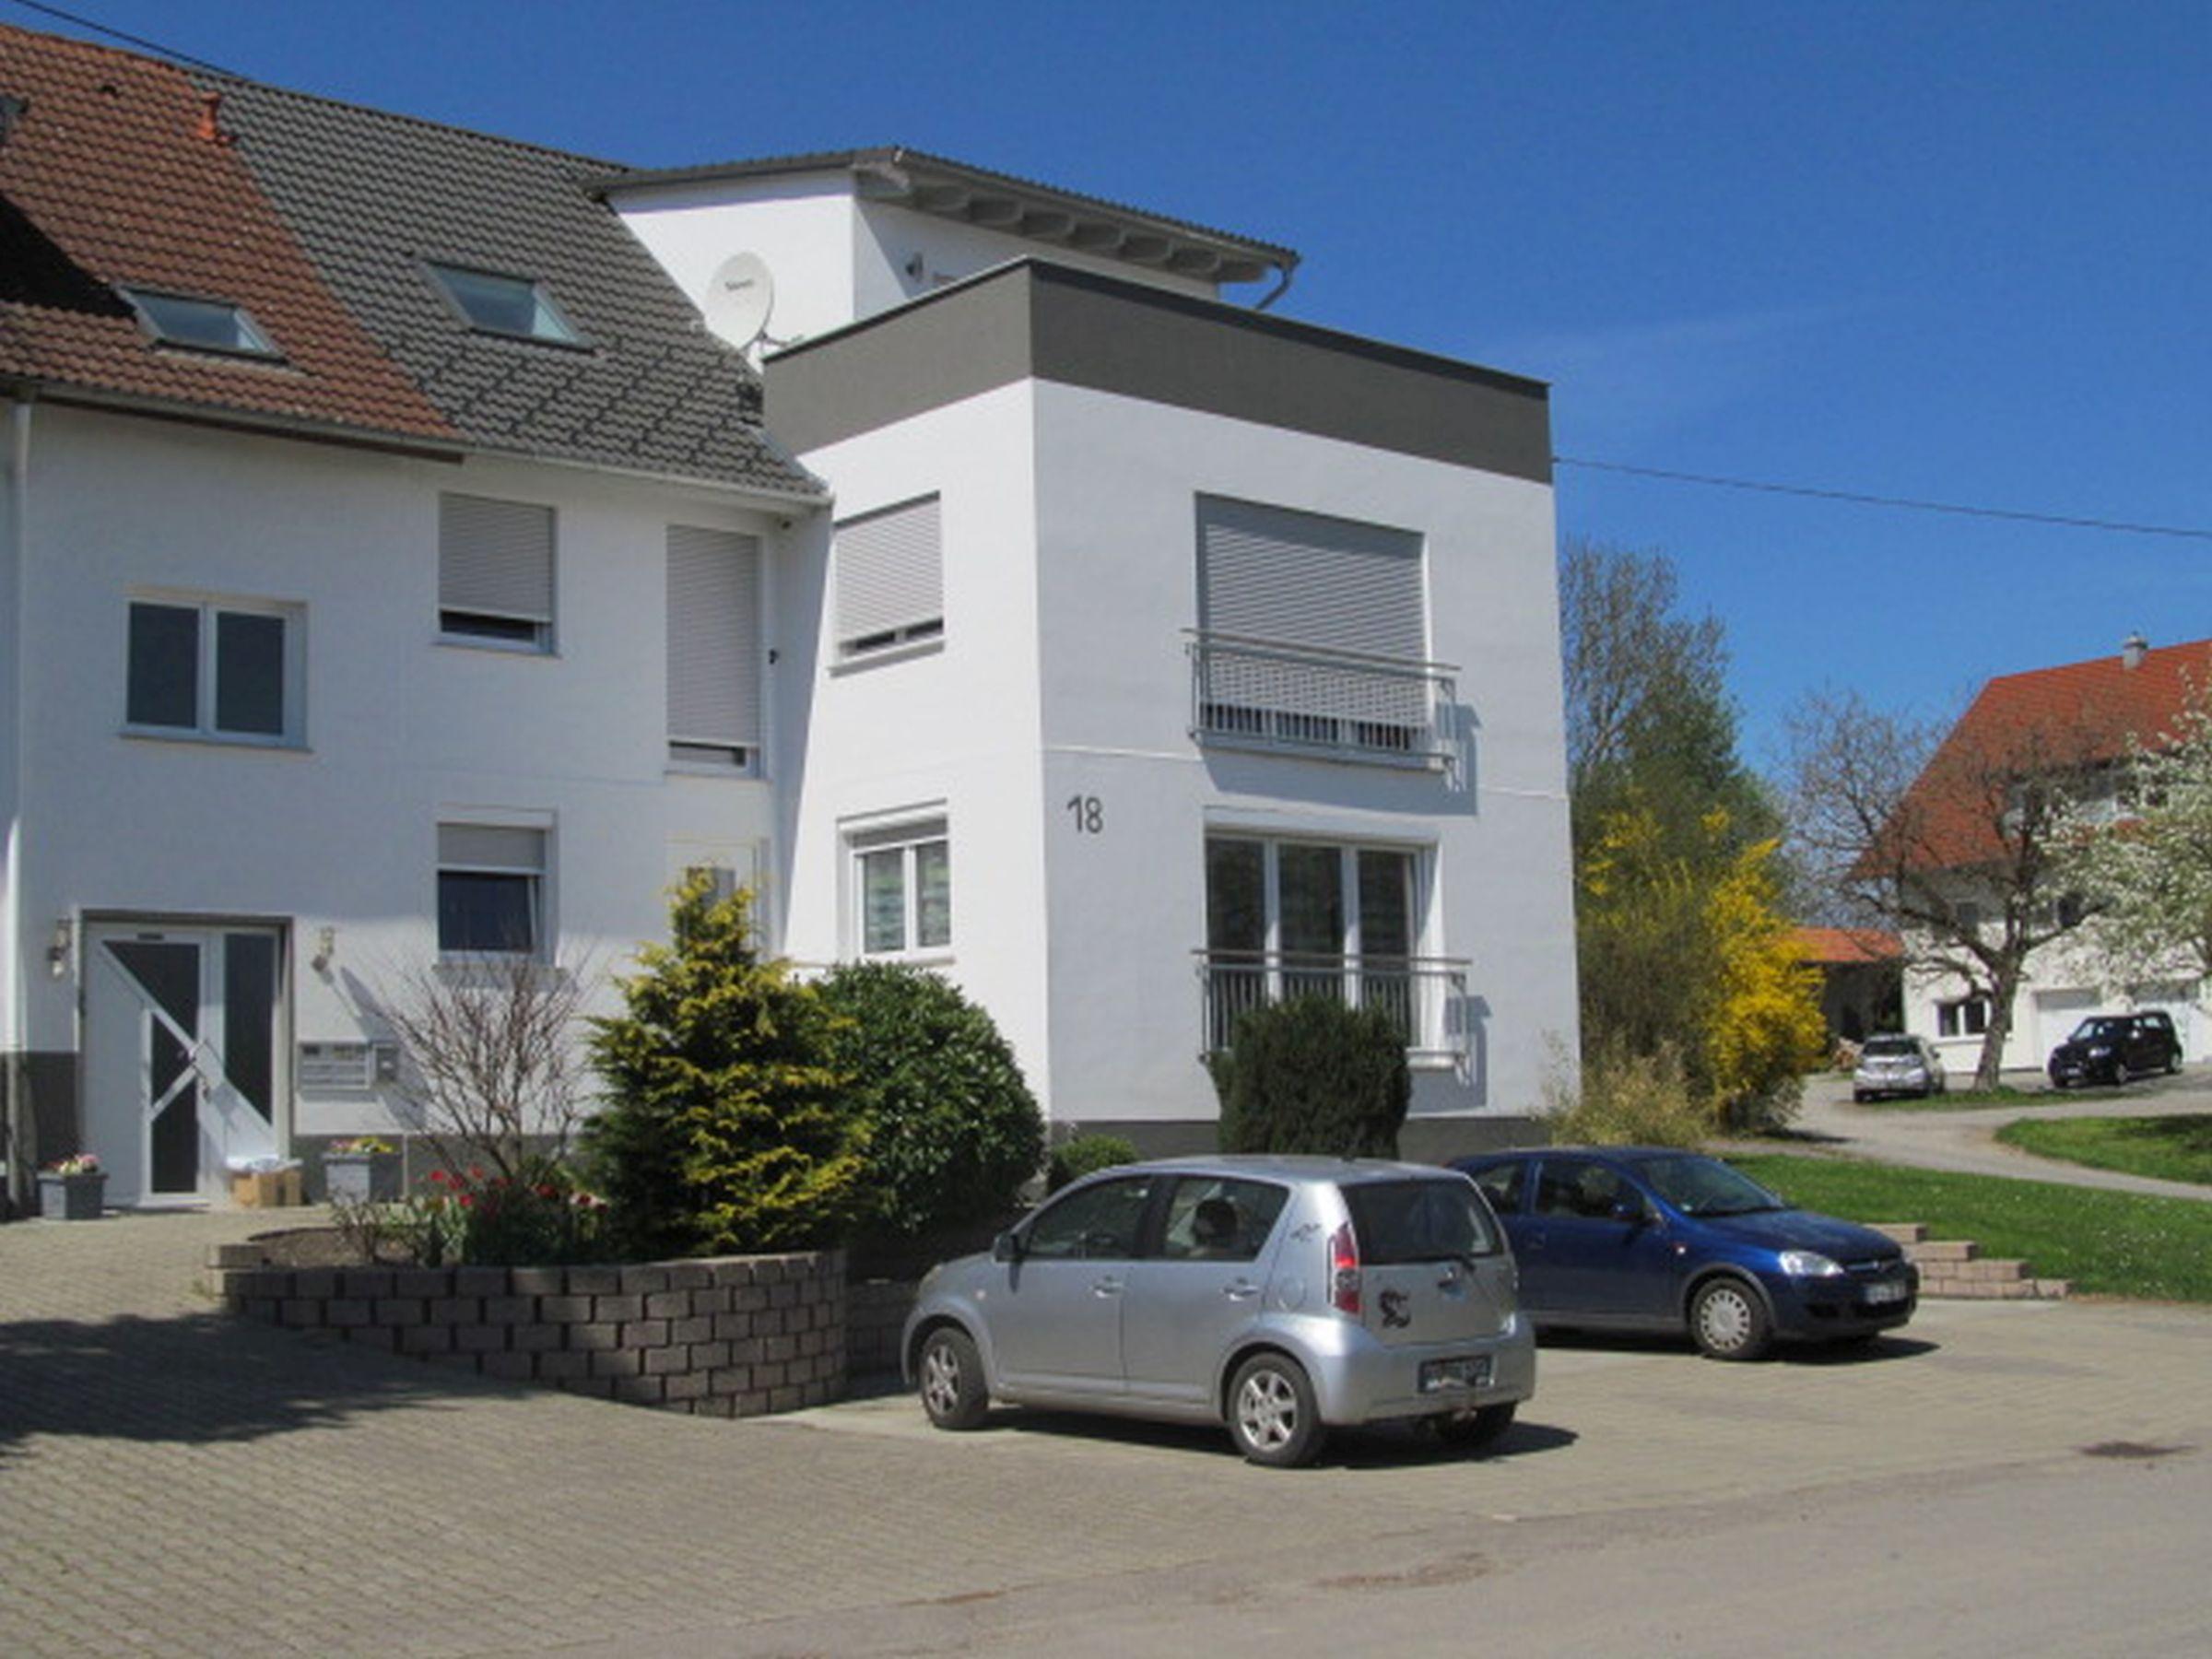 Ferienwohnungen Kolb, (Ravensburg). Ferienwohnung